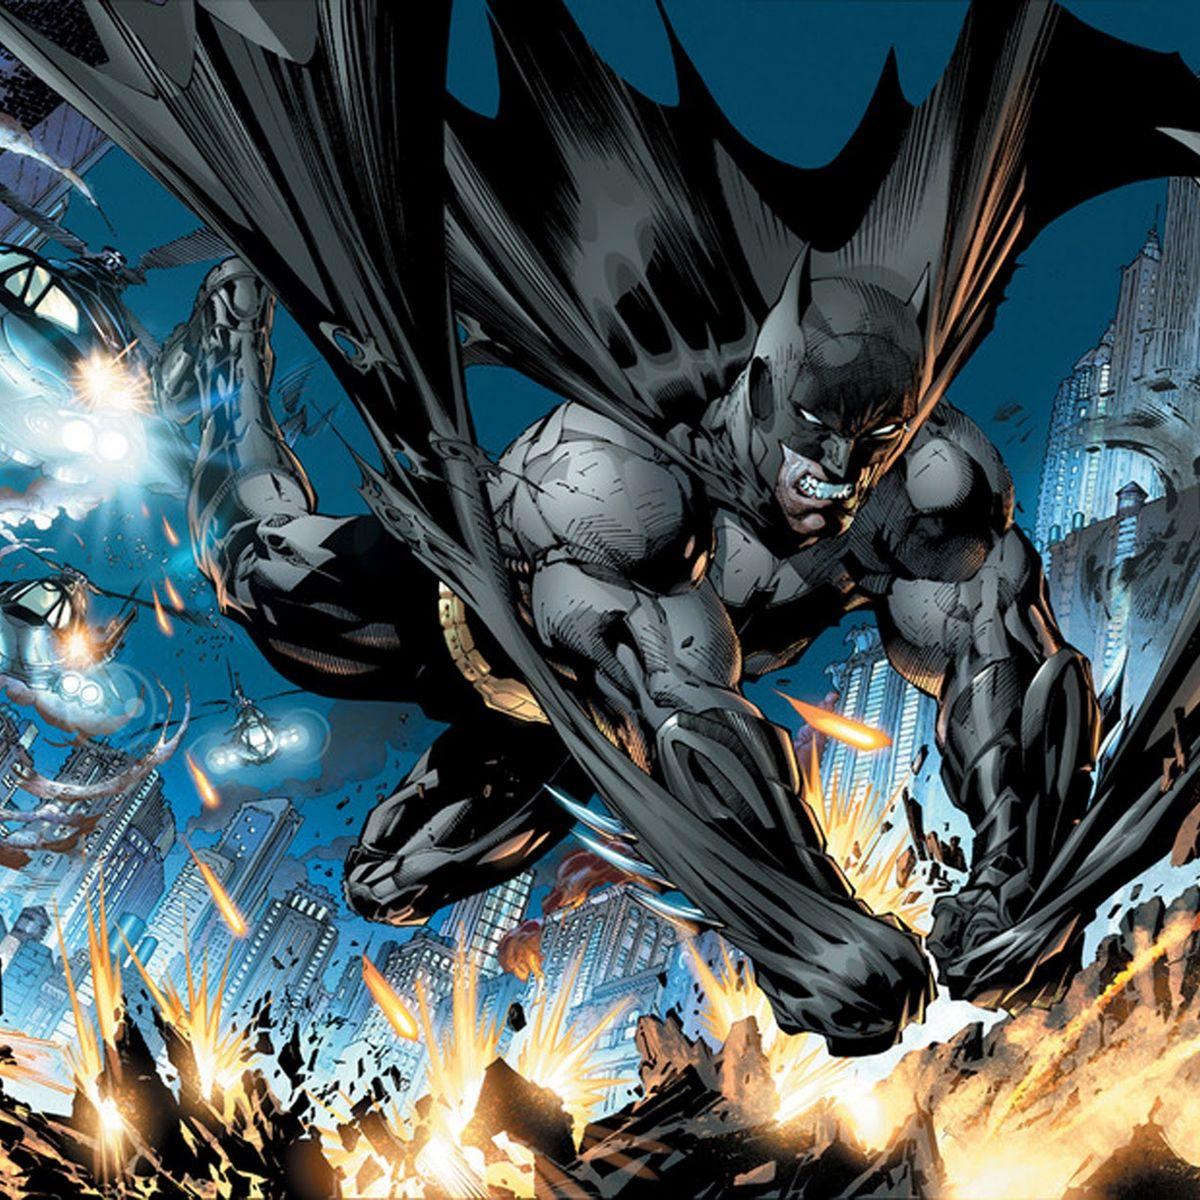 Batman Comic New 52 Wallpaper 2